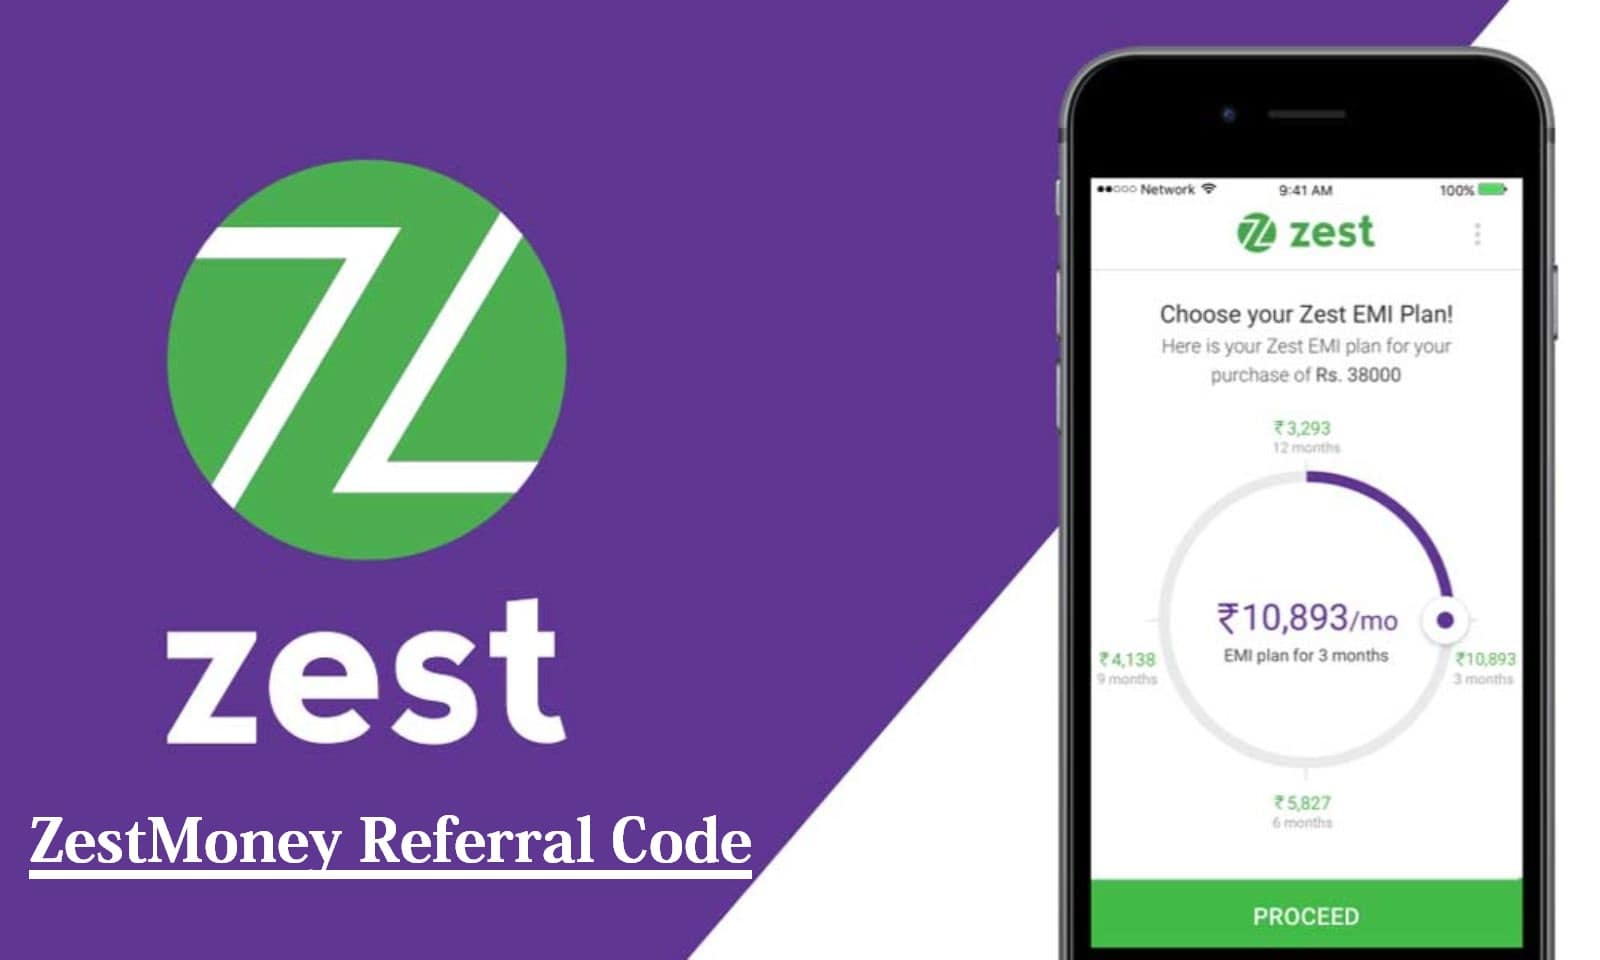 ZestMoney Referral Code